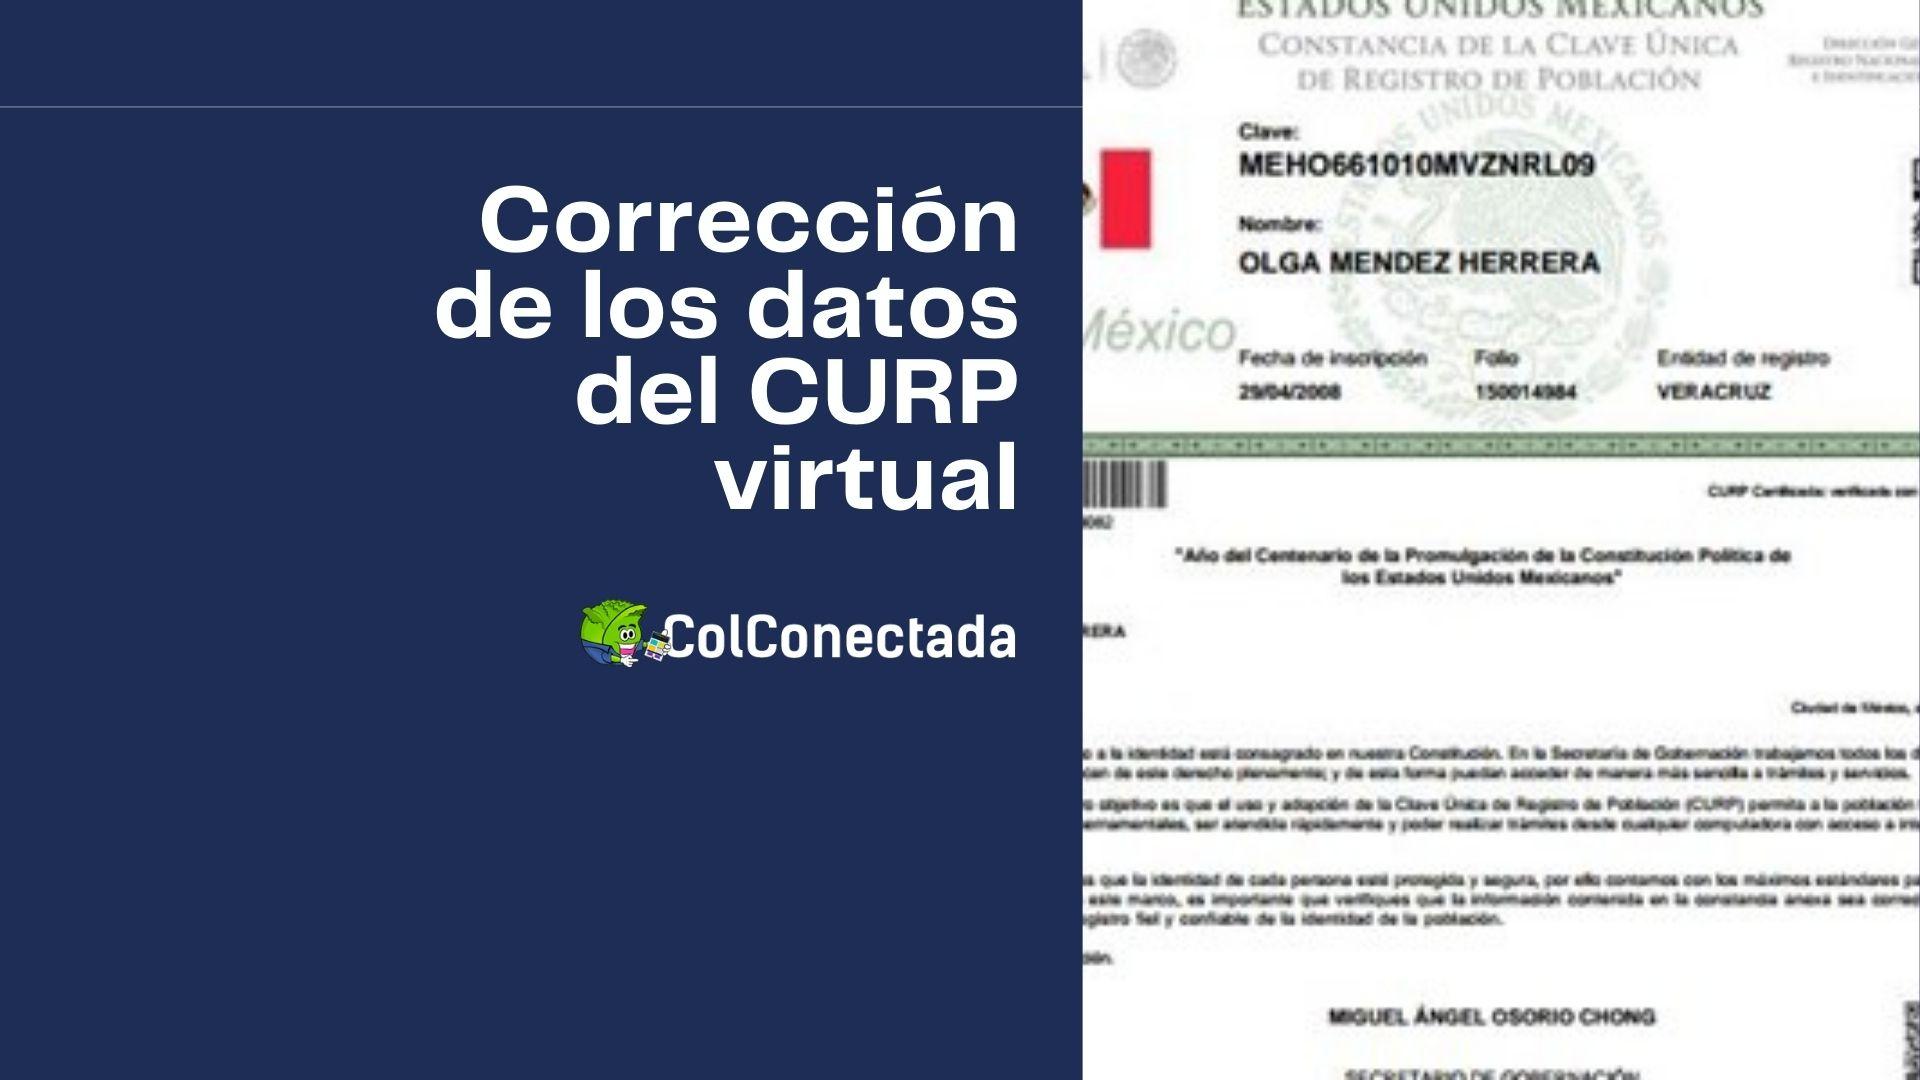 Cómo realizar la modificación de datos en la CURP 6